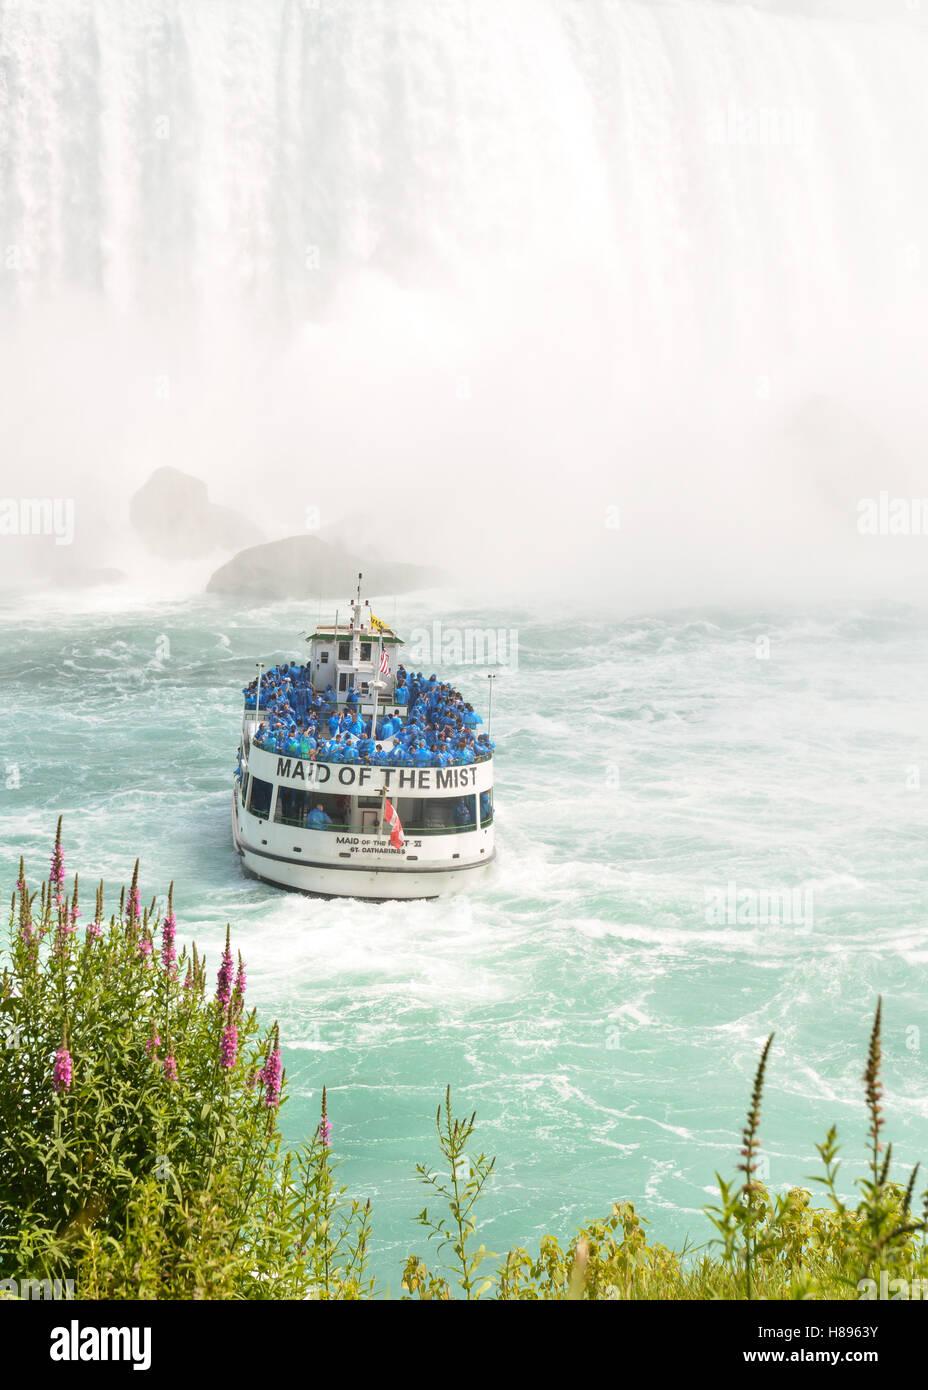 Mädchen des Nebels, Niagarafälle Stockbild